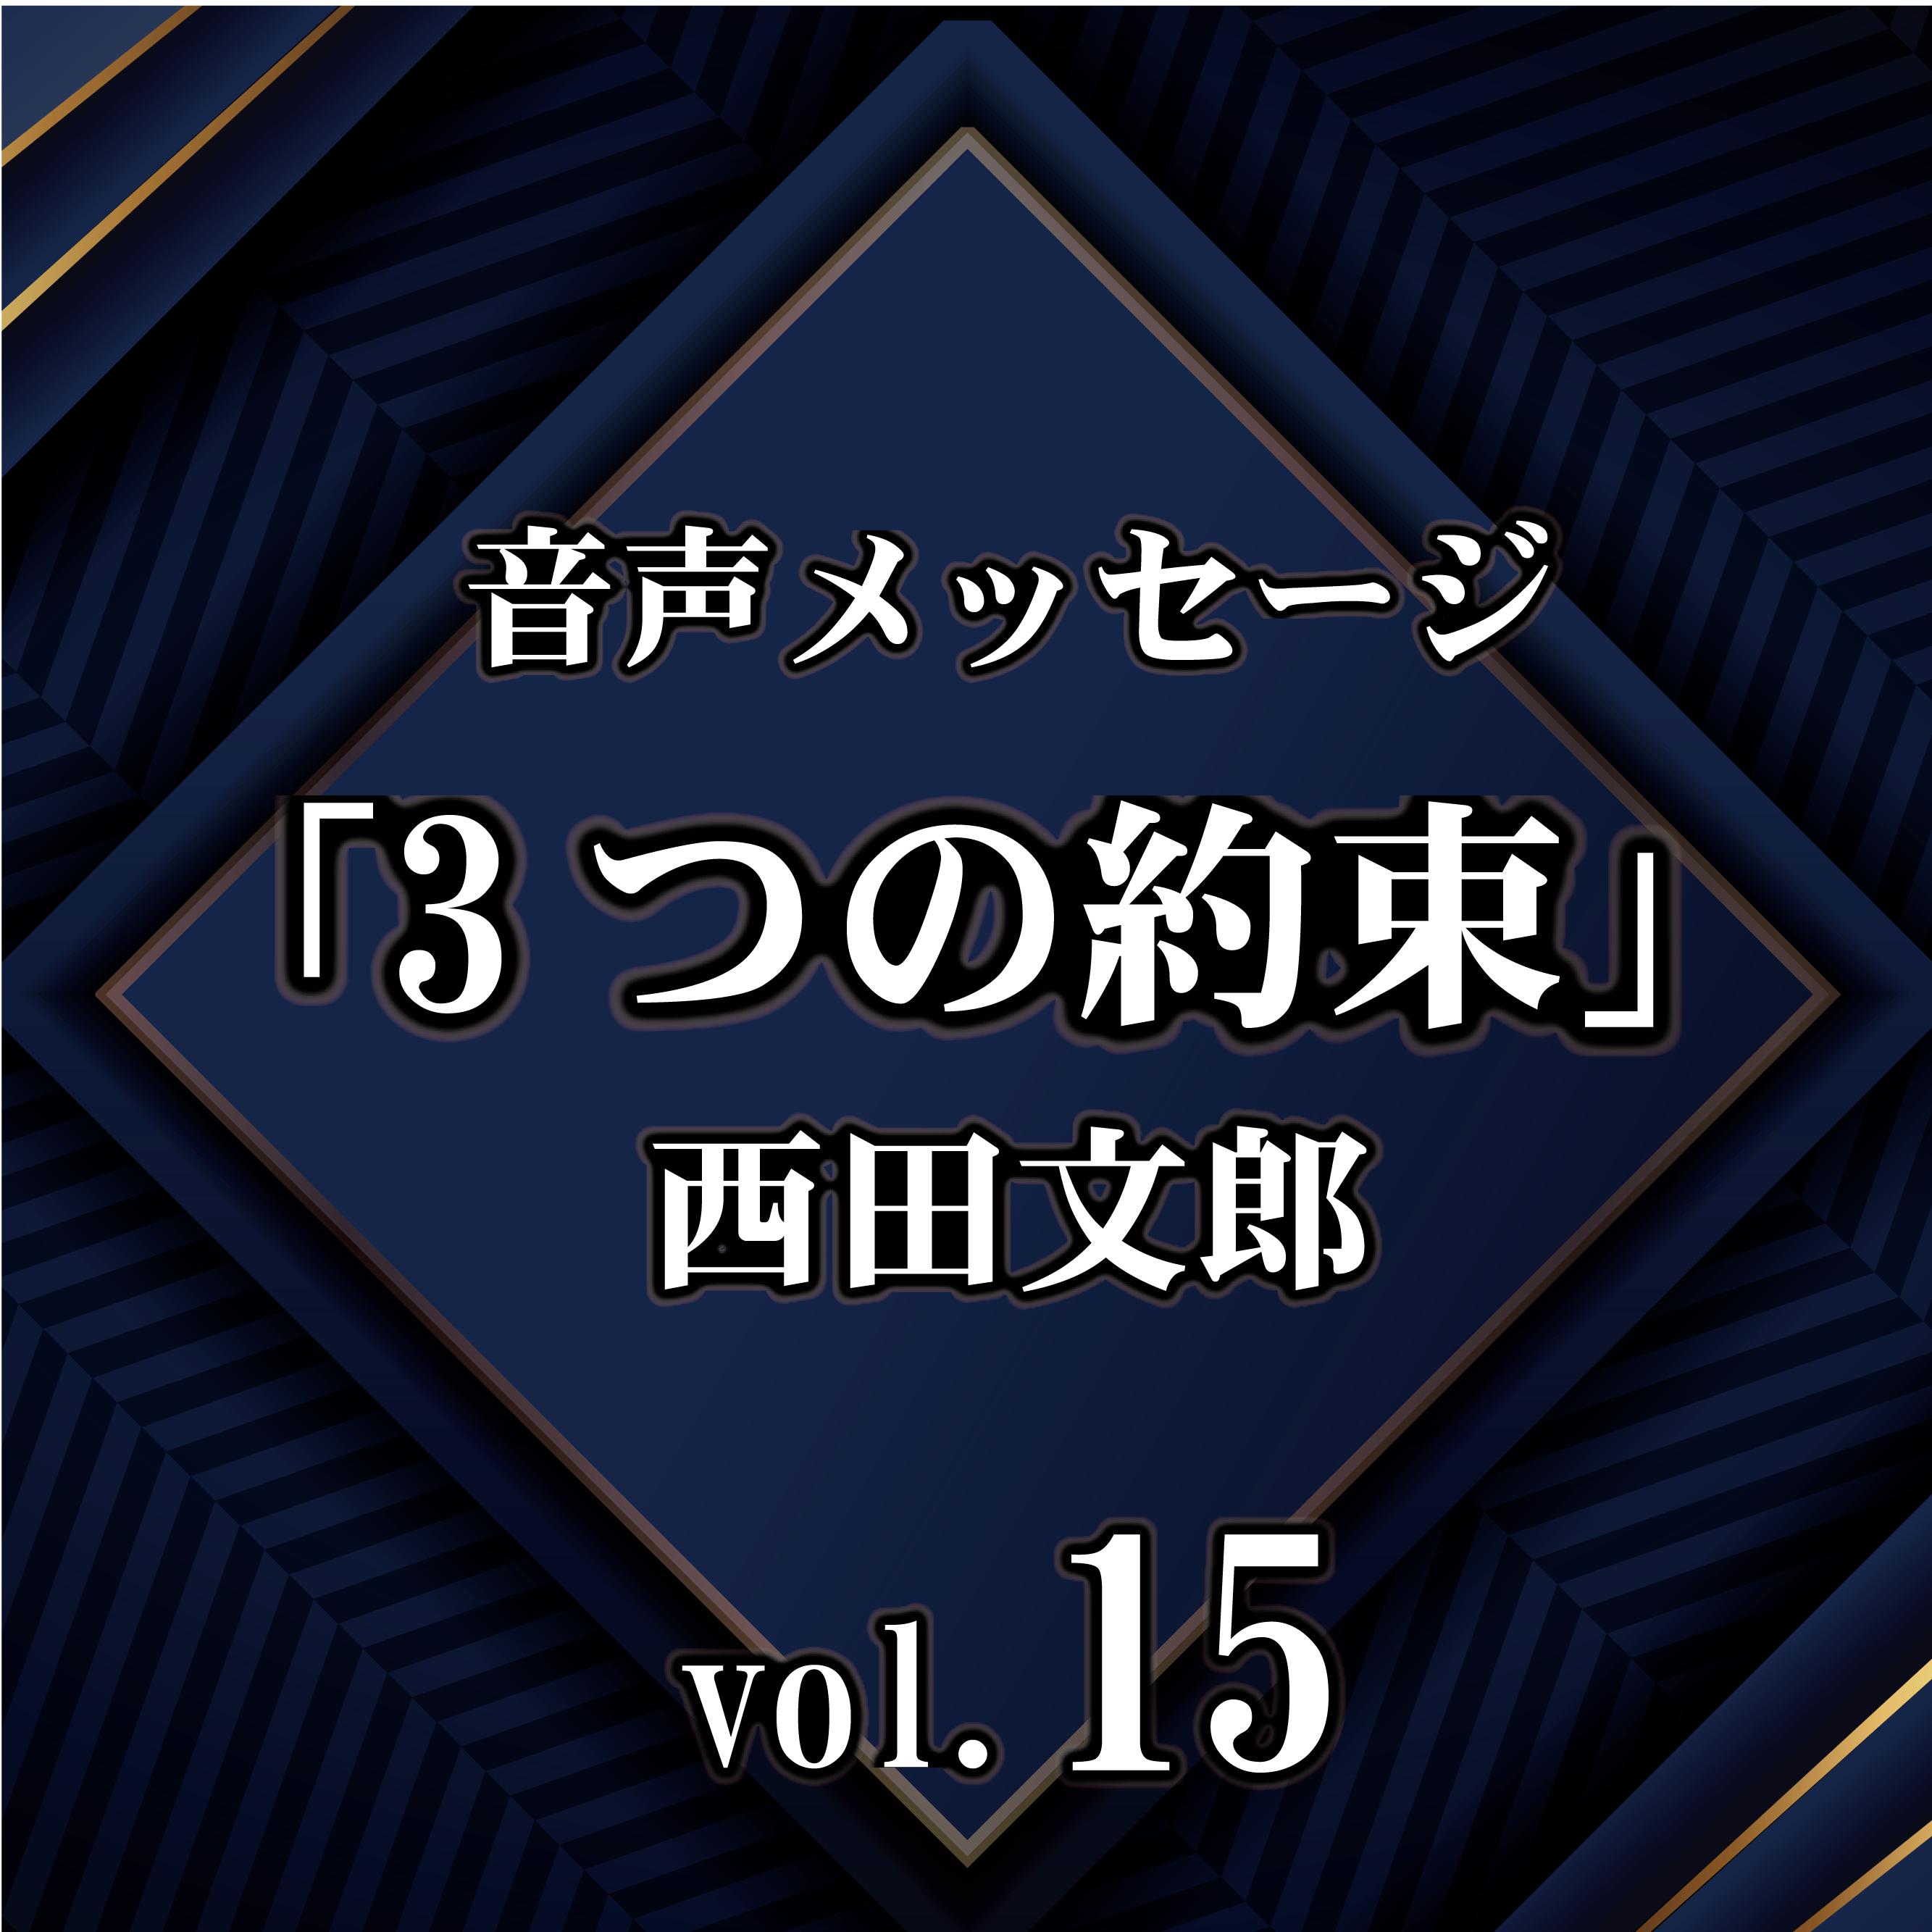 西田文郎 音声メッセージvol.15『3つの約束』